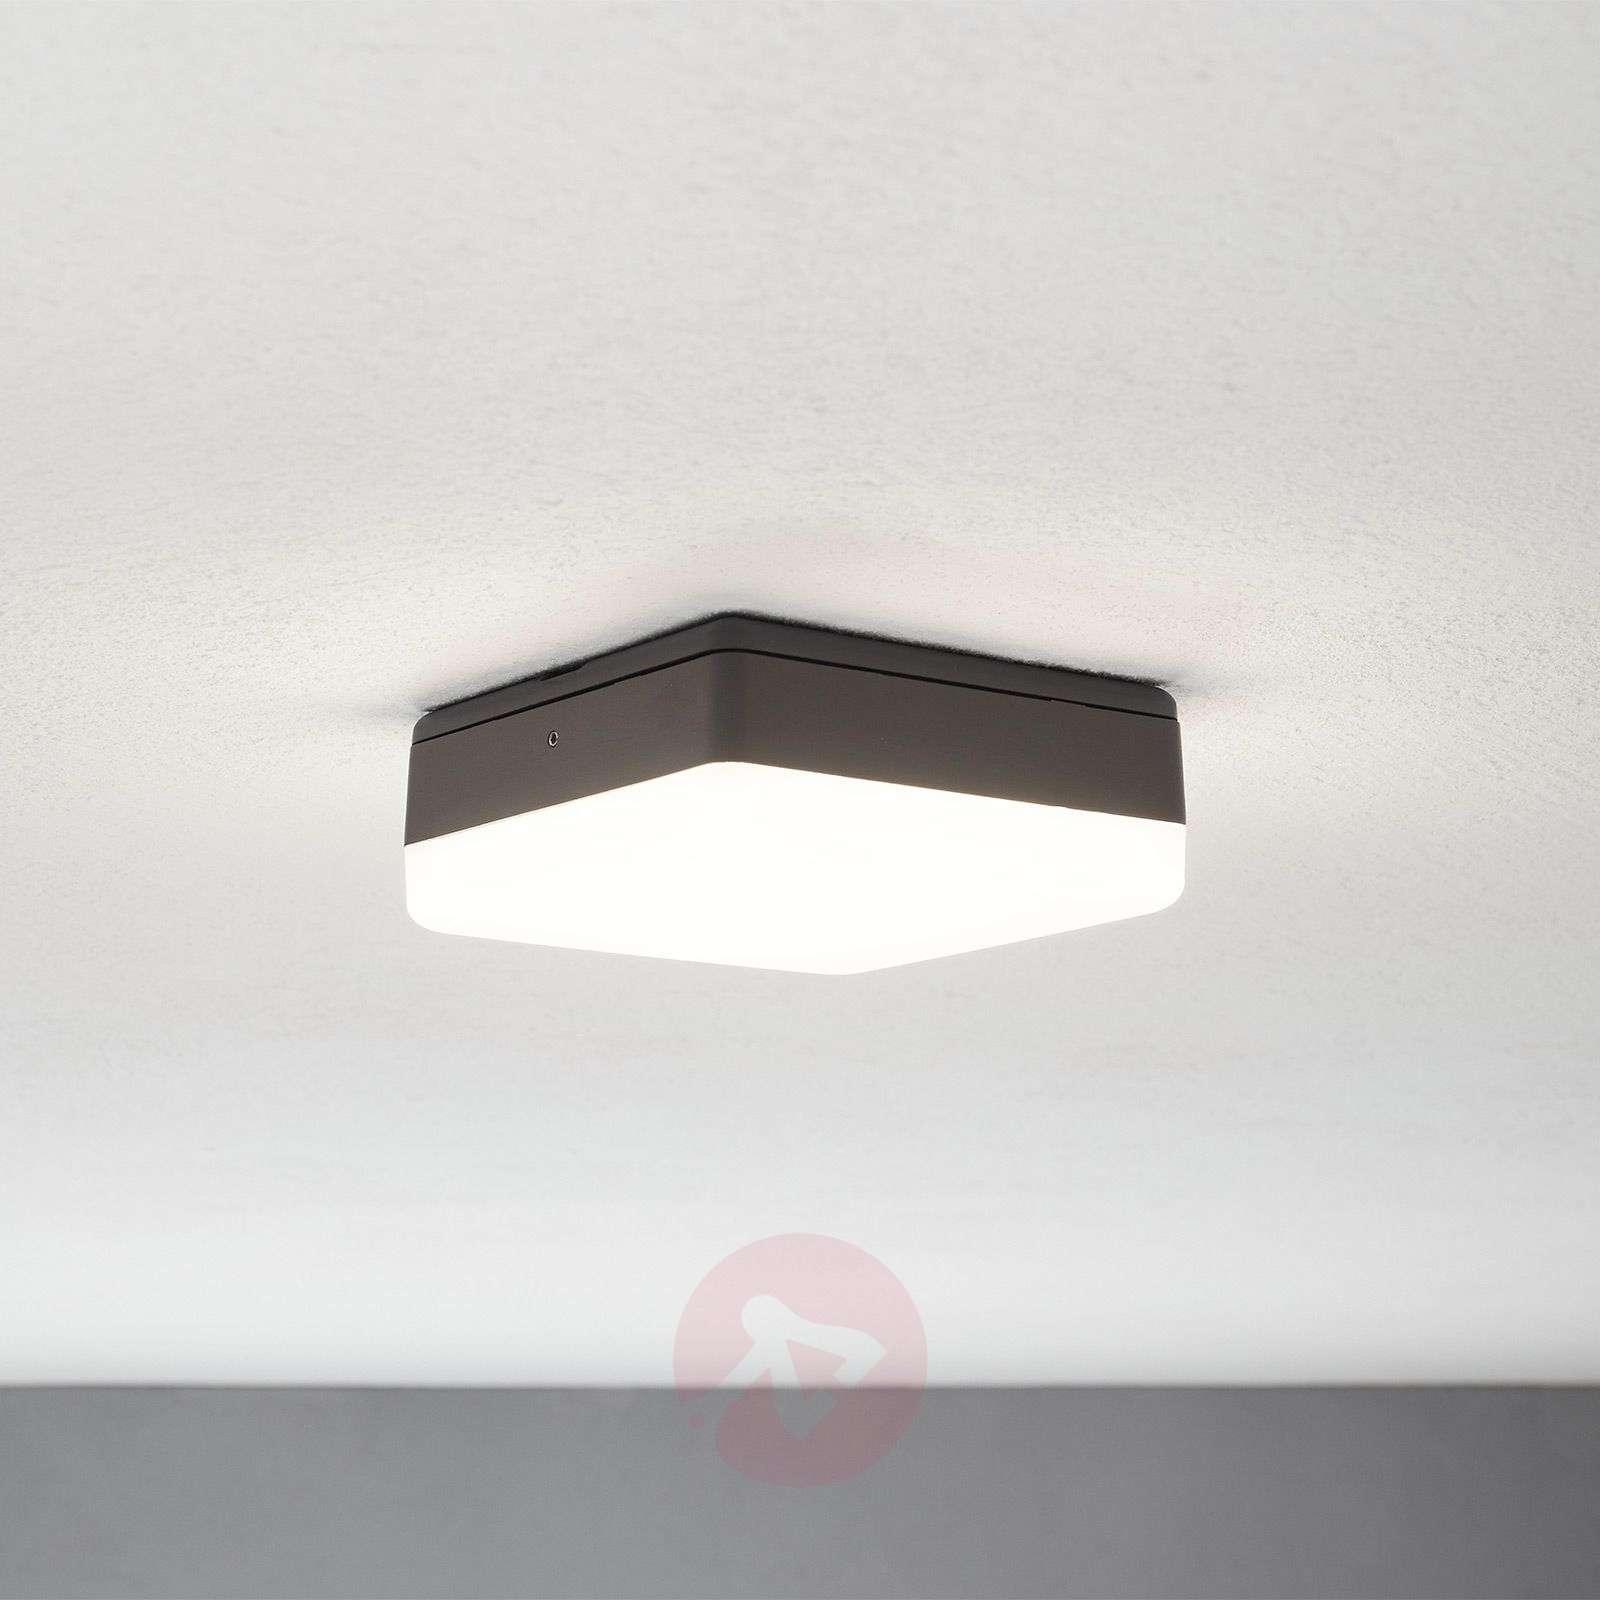 LED-kattovalaisin Thilo, harmaa, 16 cm-9969088-02